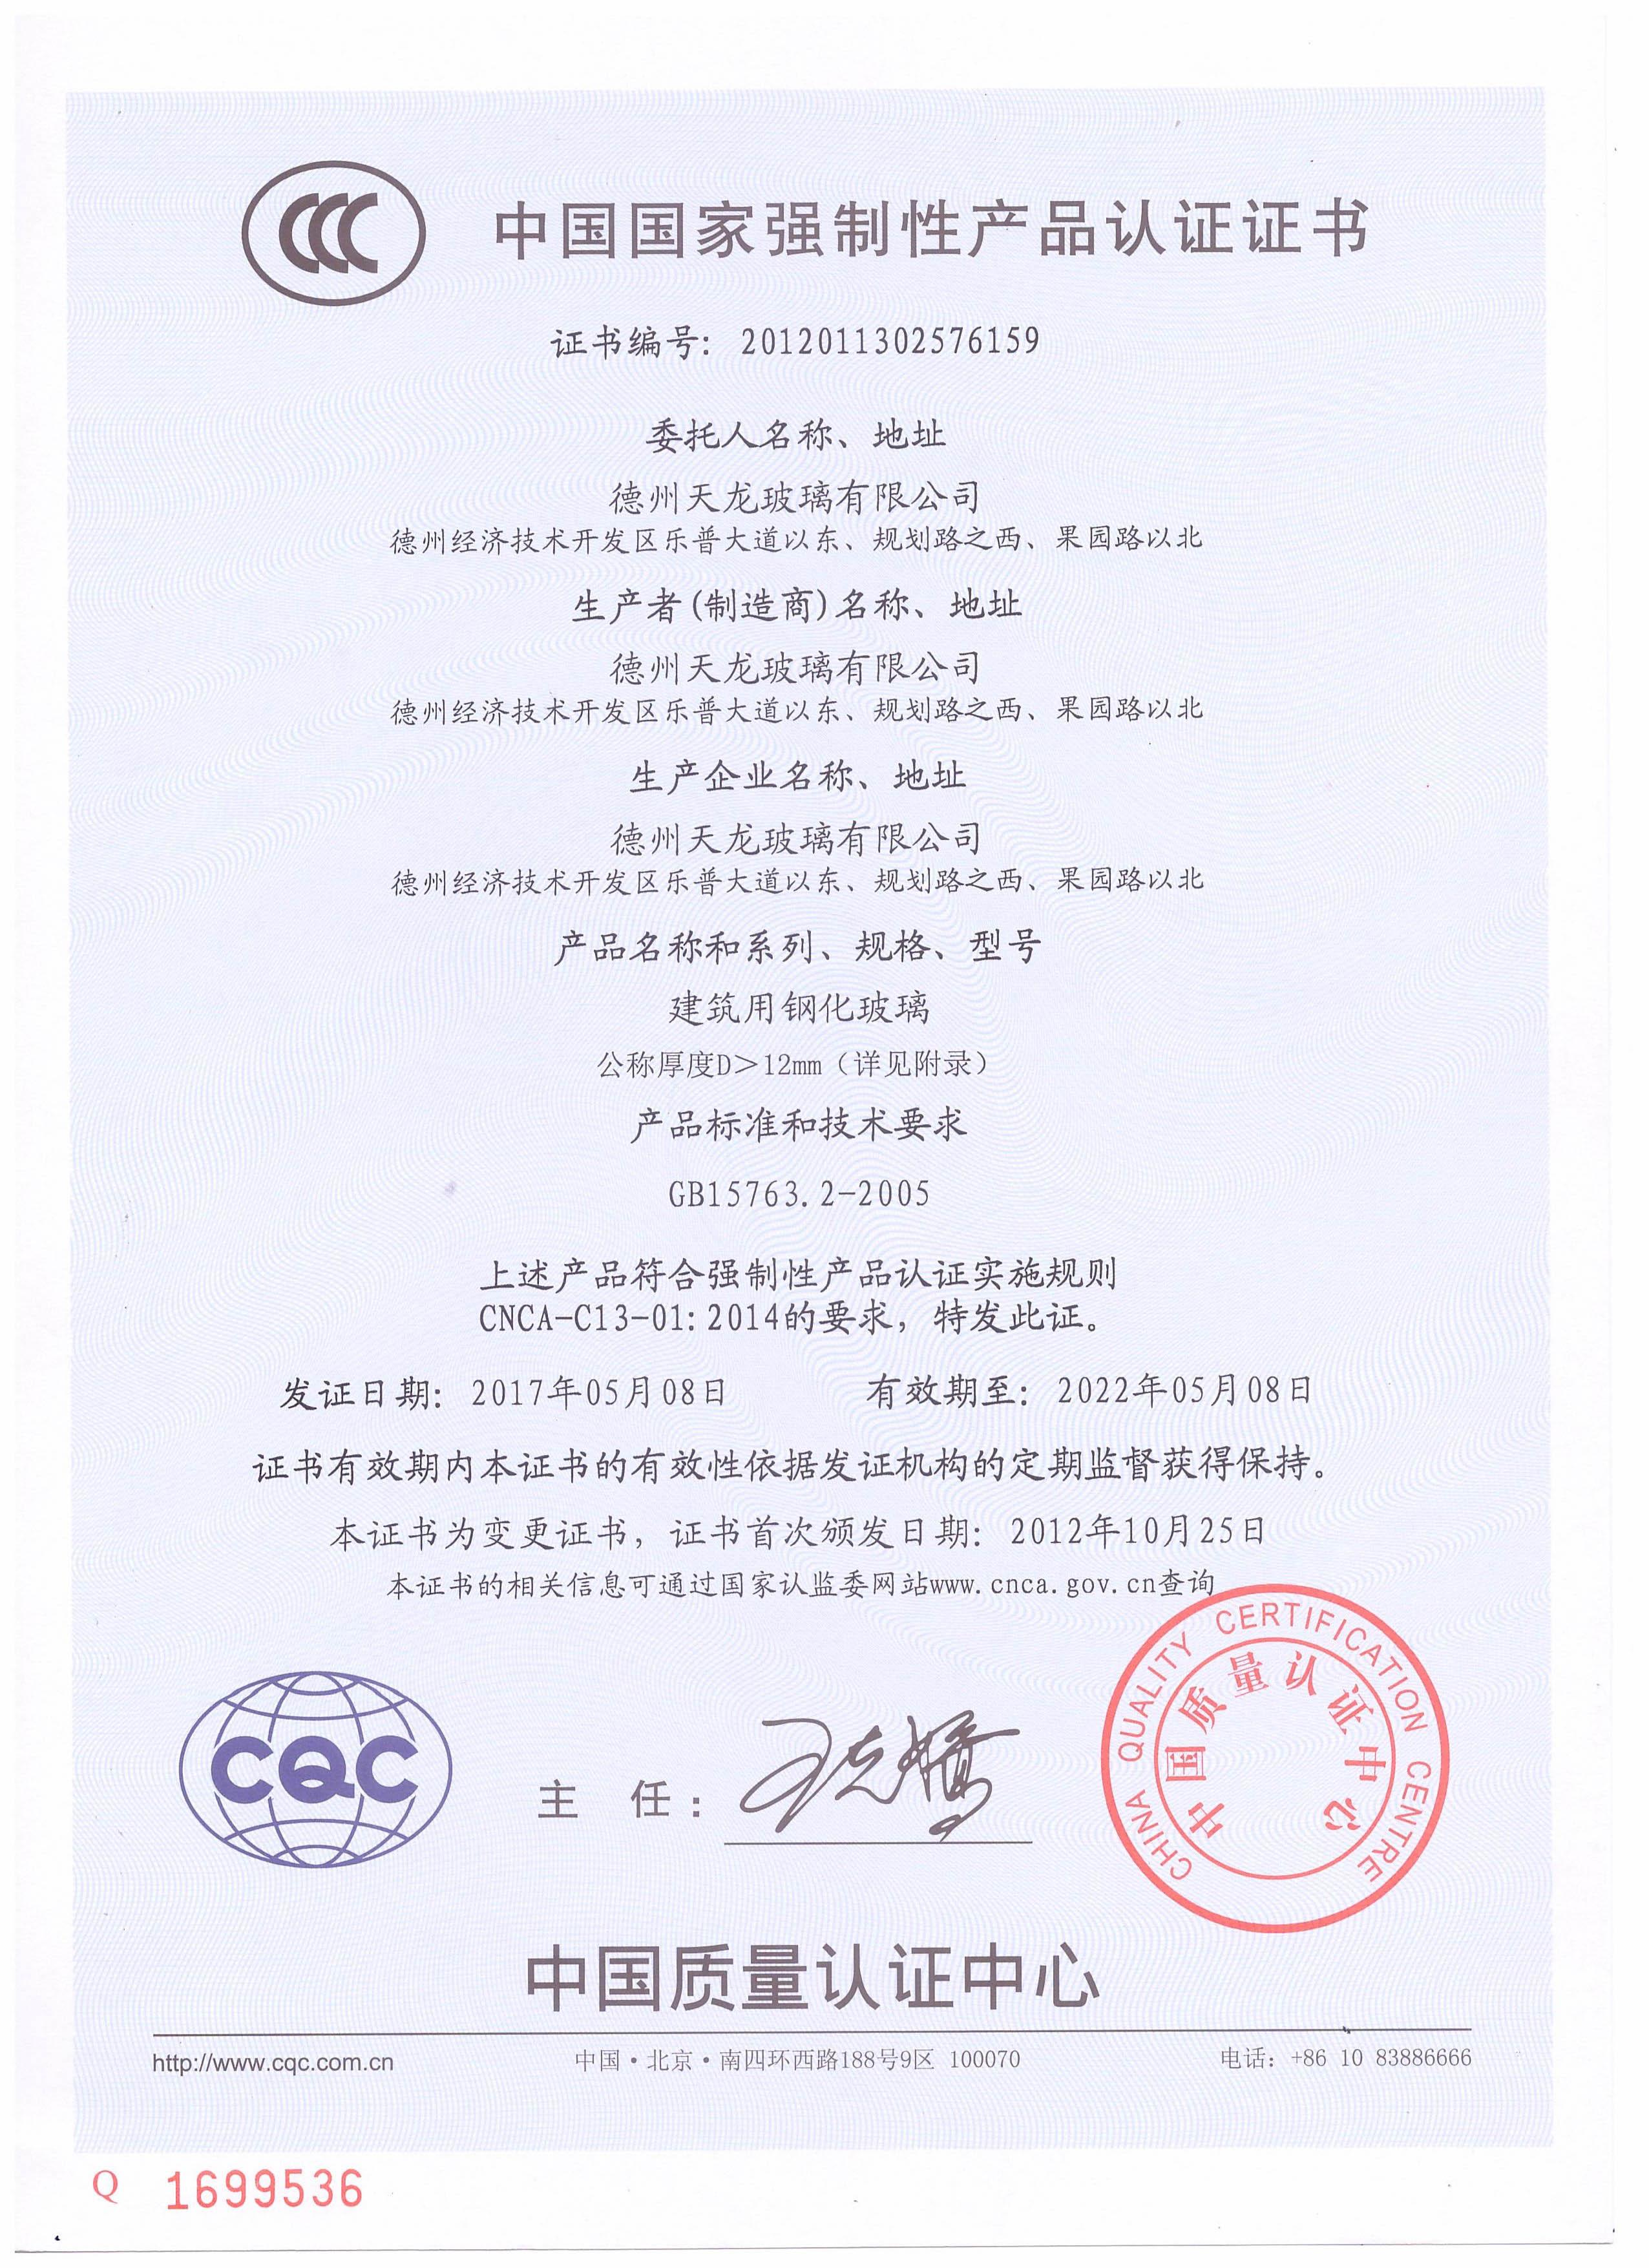 钢化玻璃证书